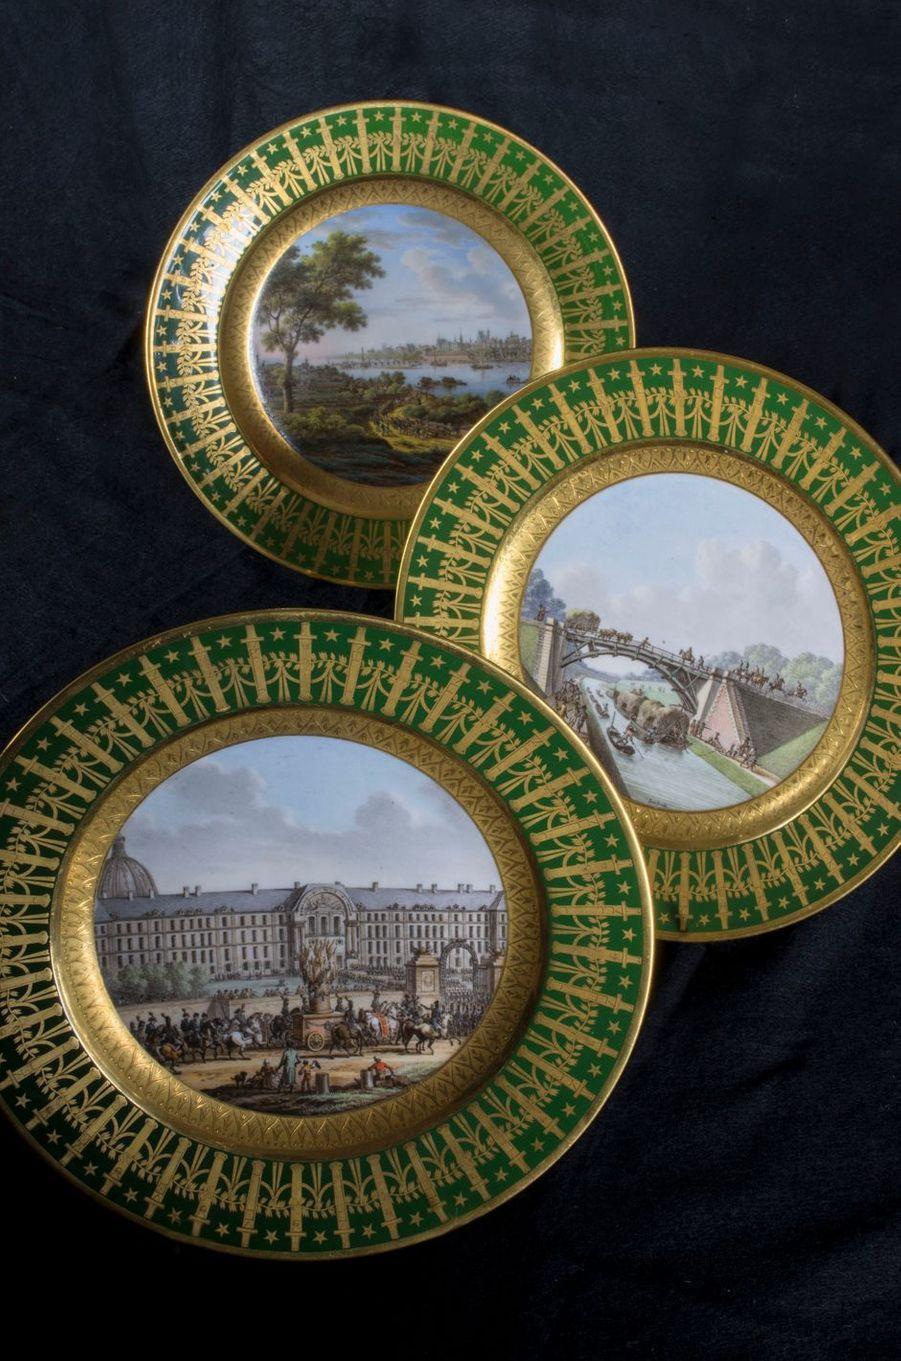 Assiettes du service particulier de l'Empereur. Musée Napoléon Ier au château de Fontainebleau